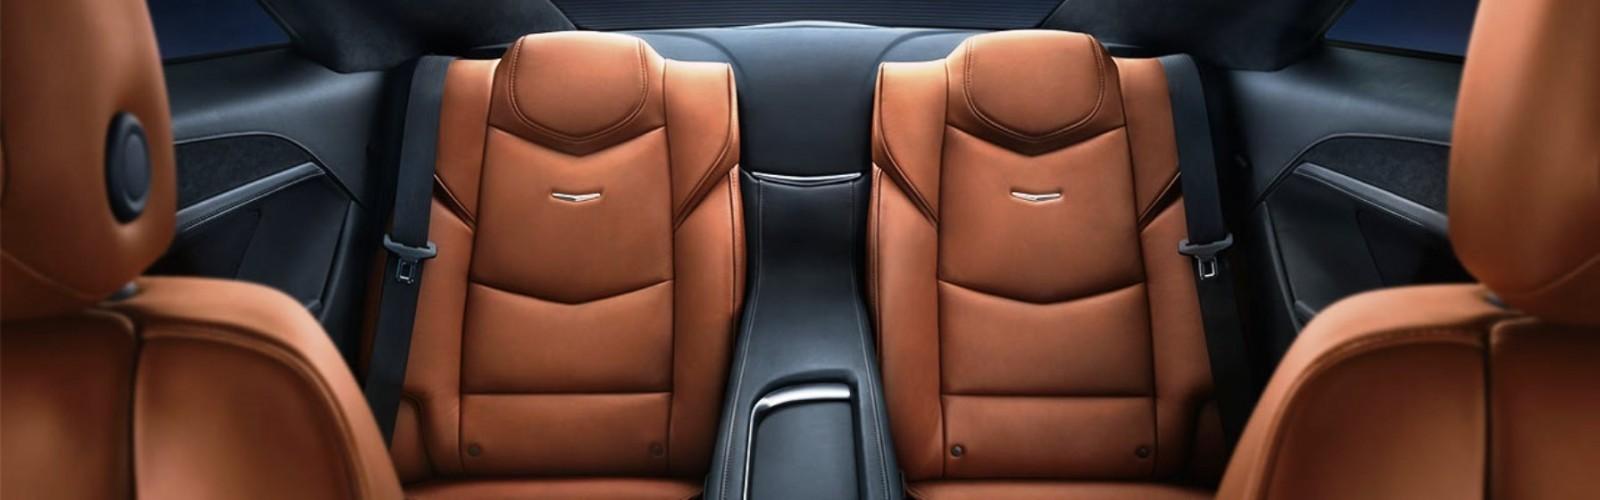 2014-Cadillac-ELR-7-1600x500.jpg